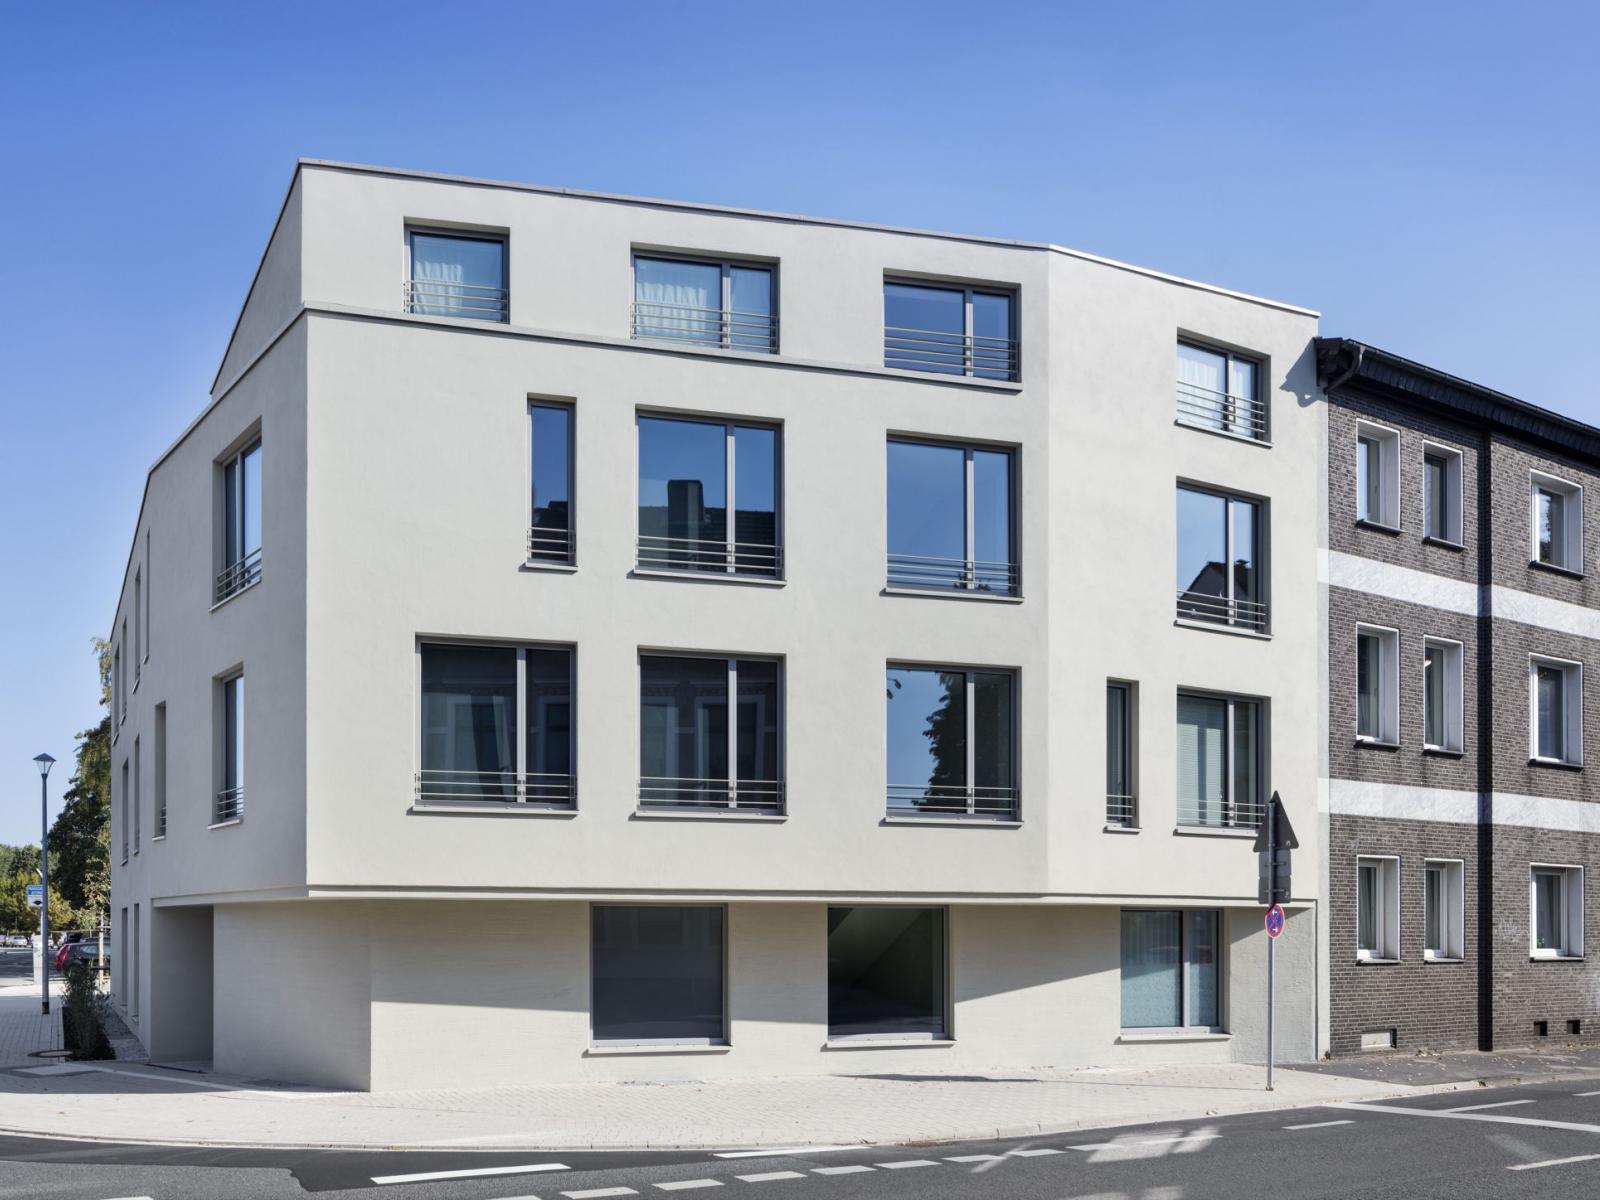 Rollstuhlgerechtes Wohnen Feuerwehrhaus Fassade